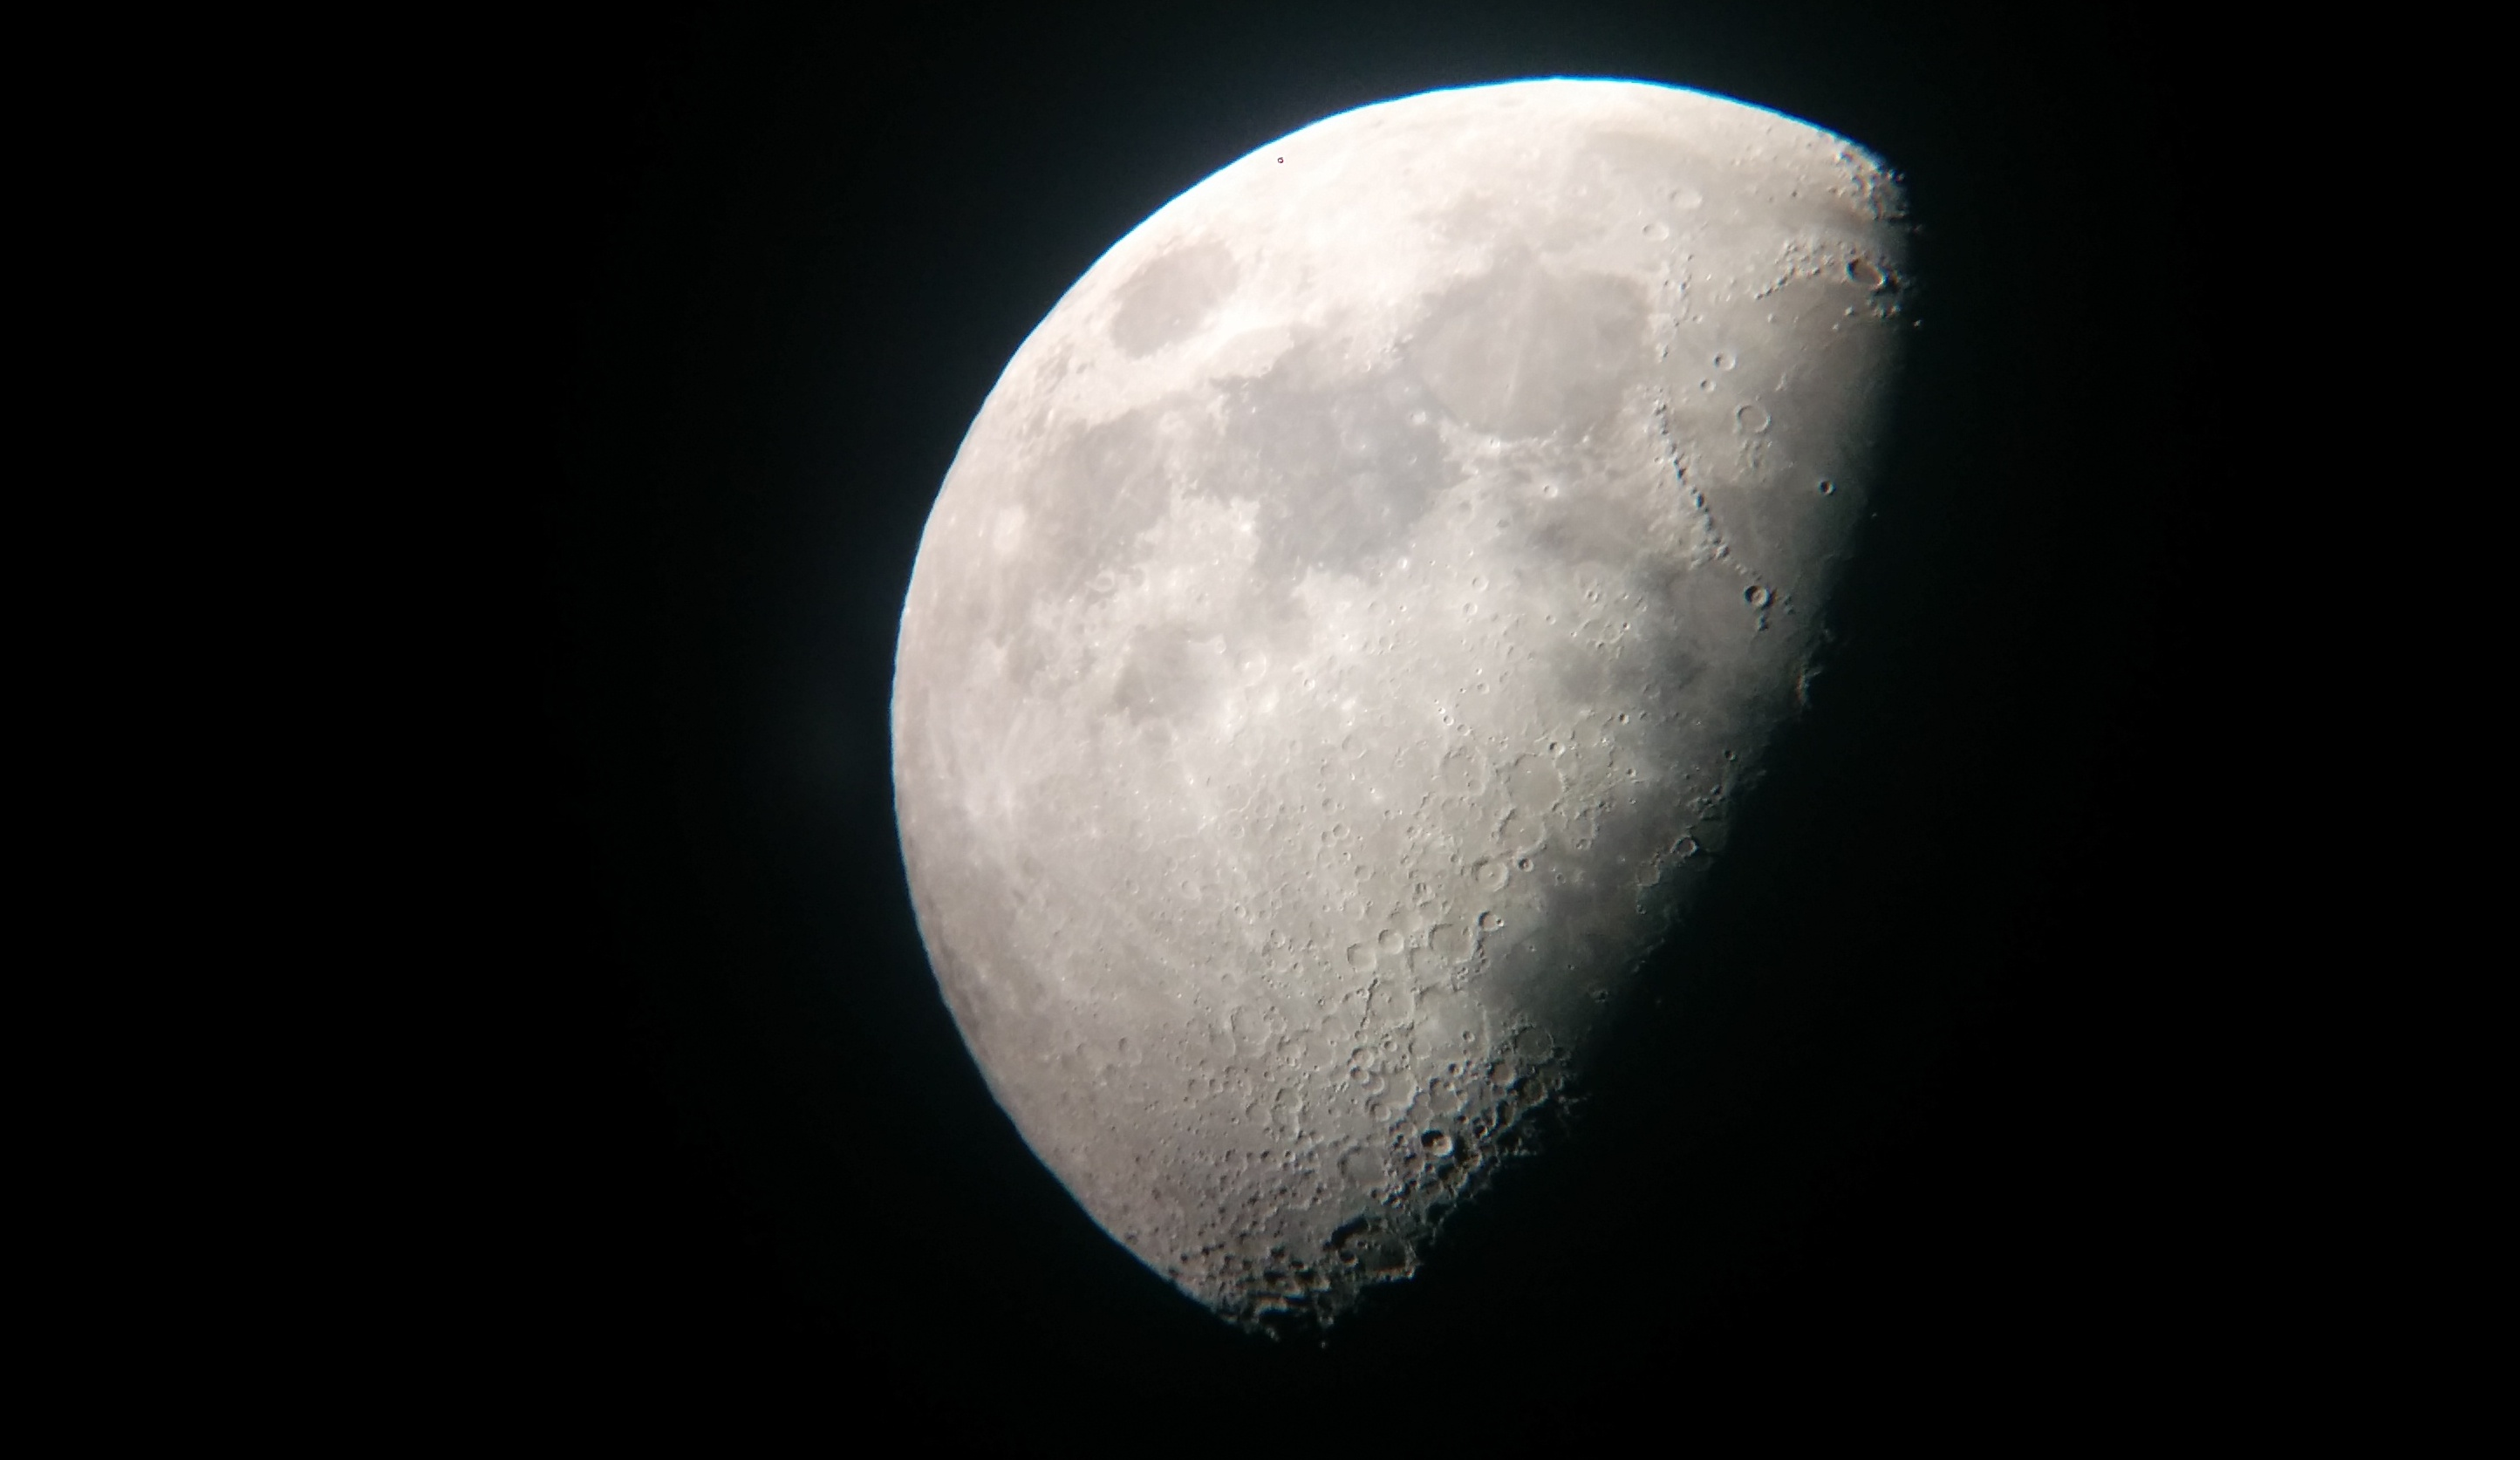 ירח בטלסקופ